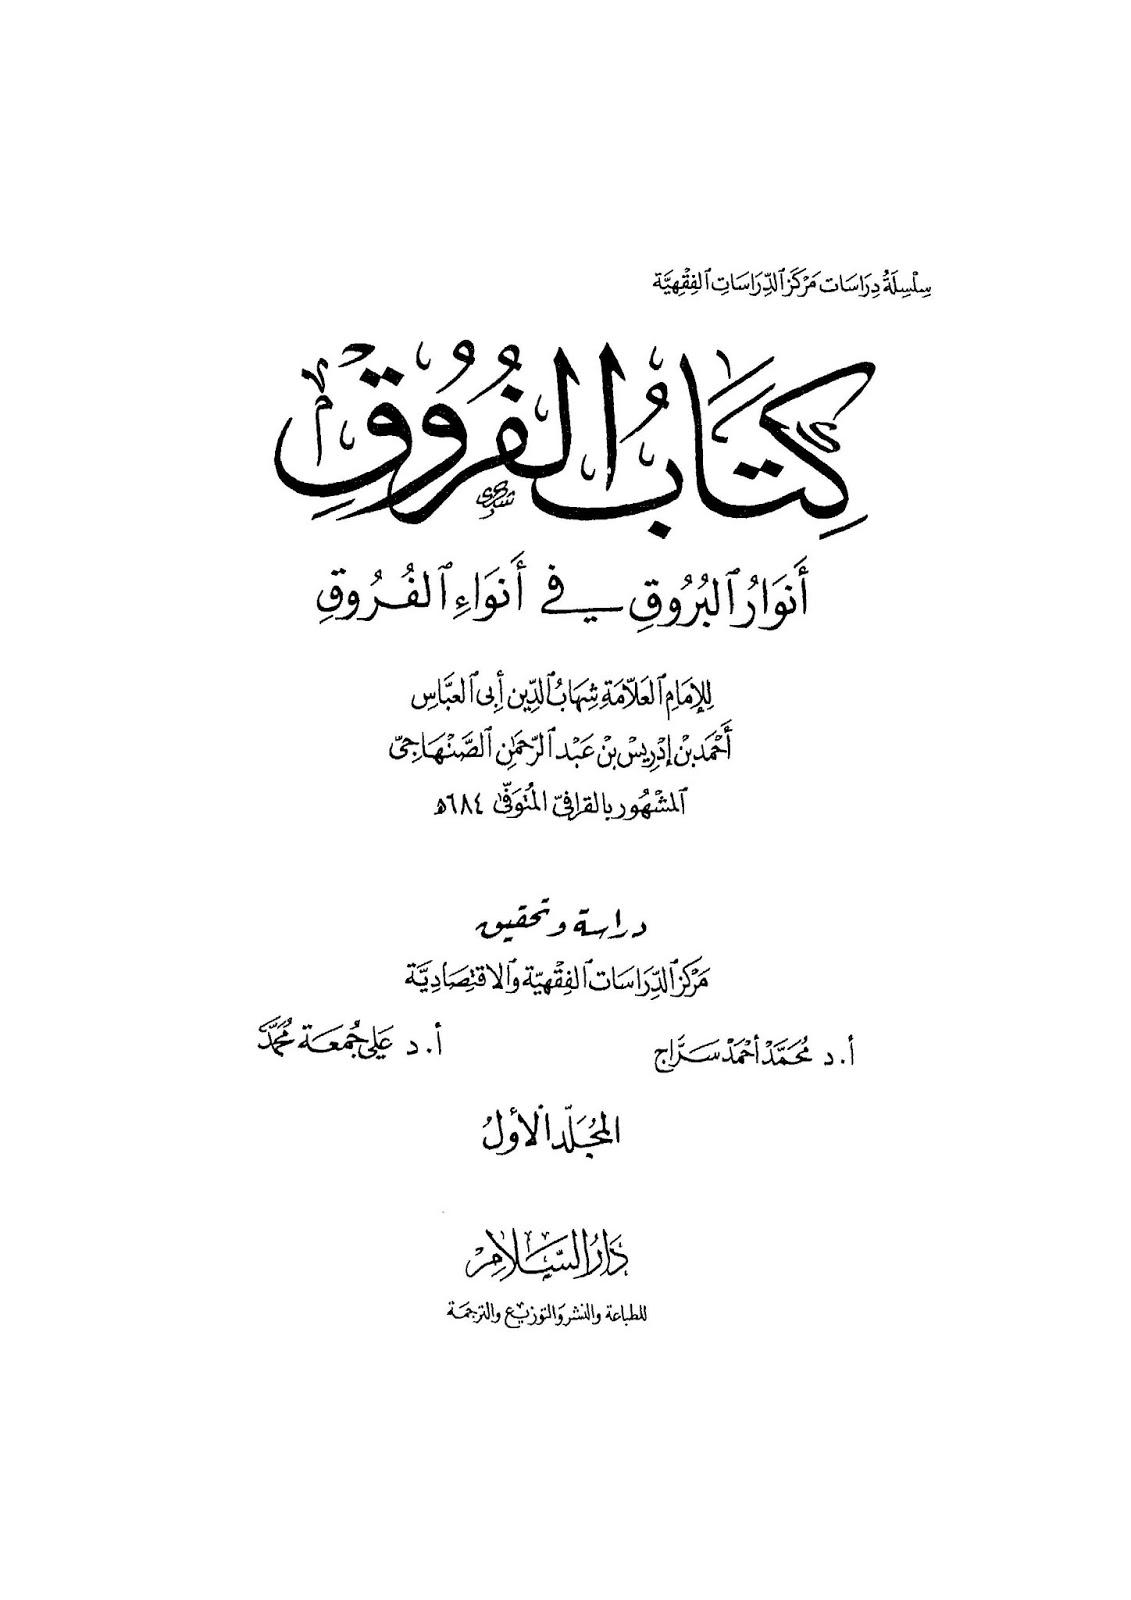 كتاب الفروق للقرافي - طبعة دار السلام pdf